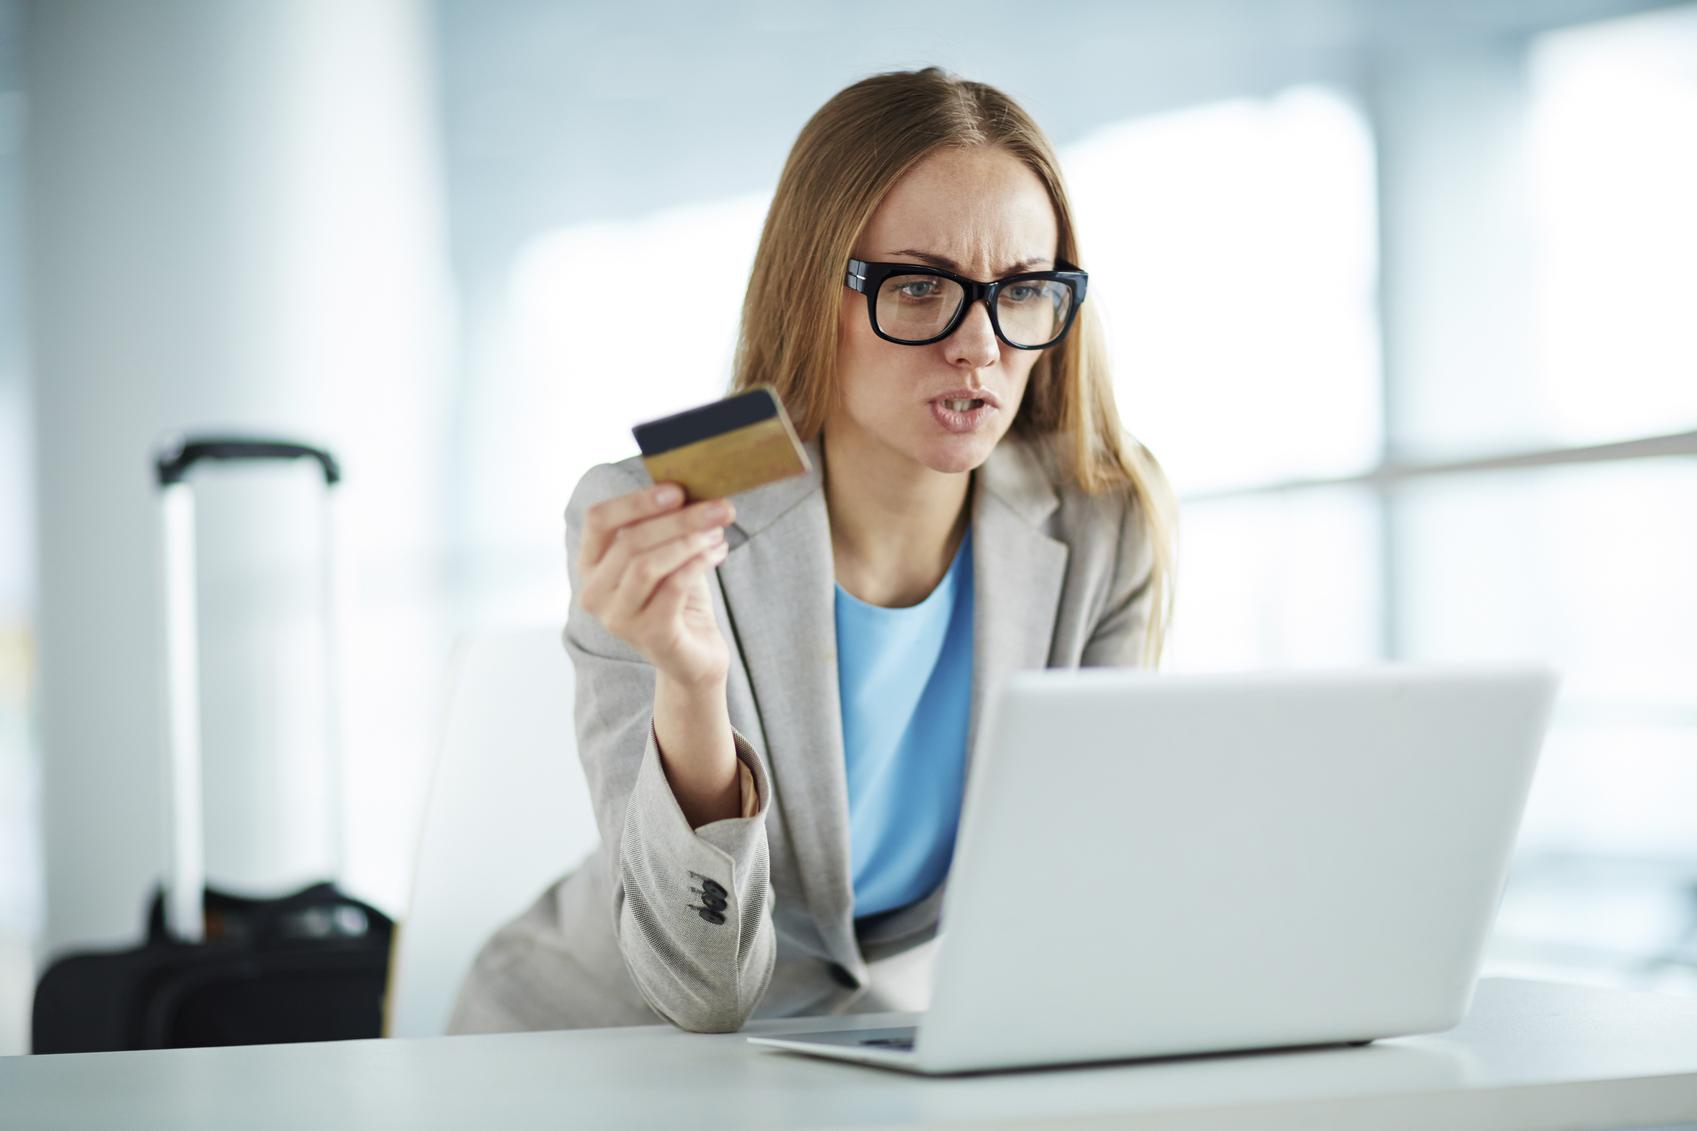 E-handlares förtroende för Etsy sjunker som en sten